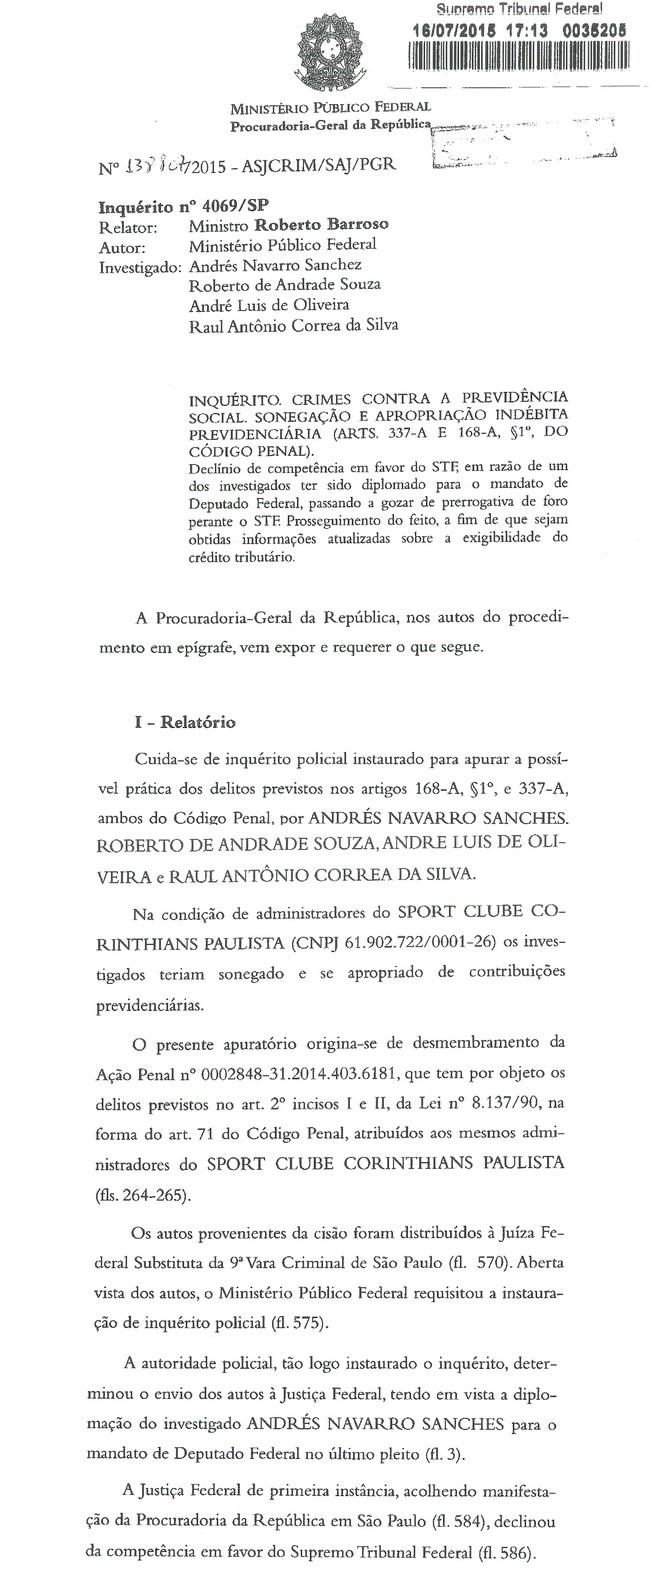 Inquérito do procurador Rodrigo Janot em processo contra corintianos